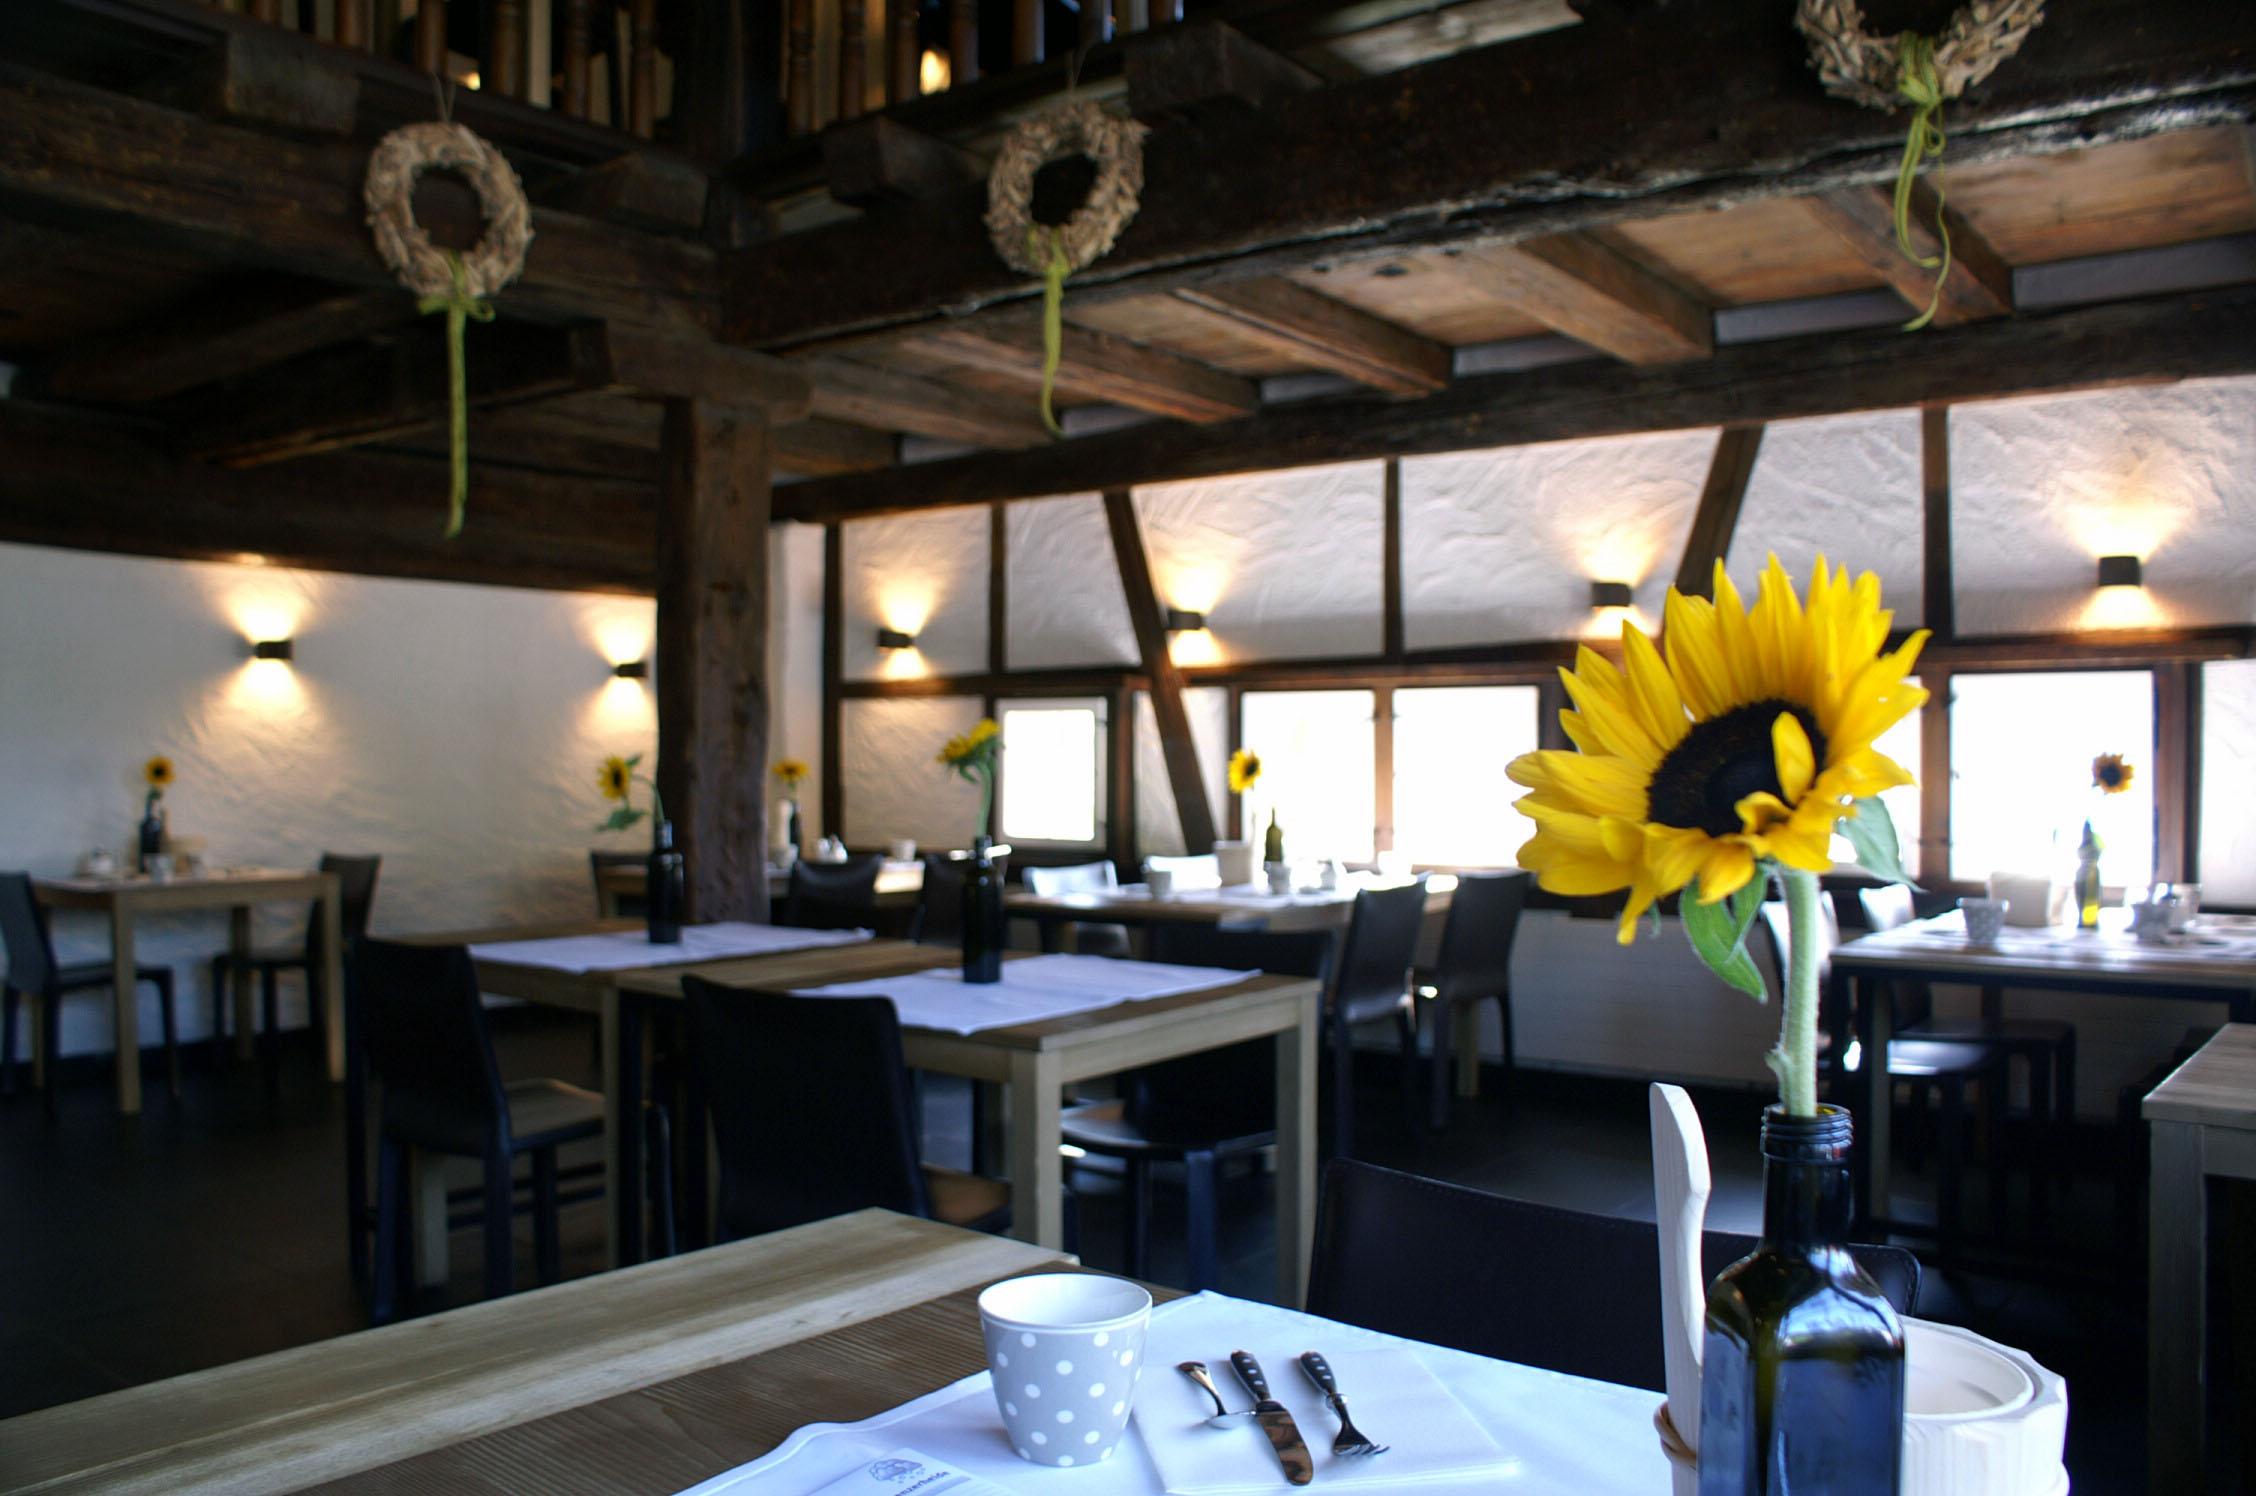 Saal und Gallerie des Gourmet-Restaurant Guarda Val